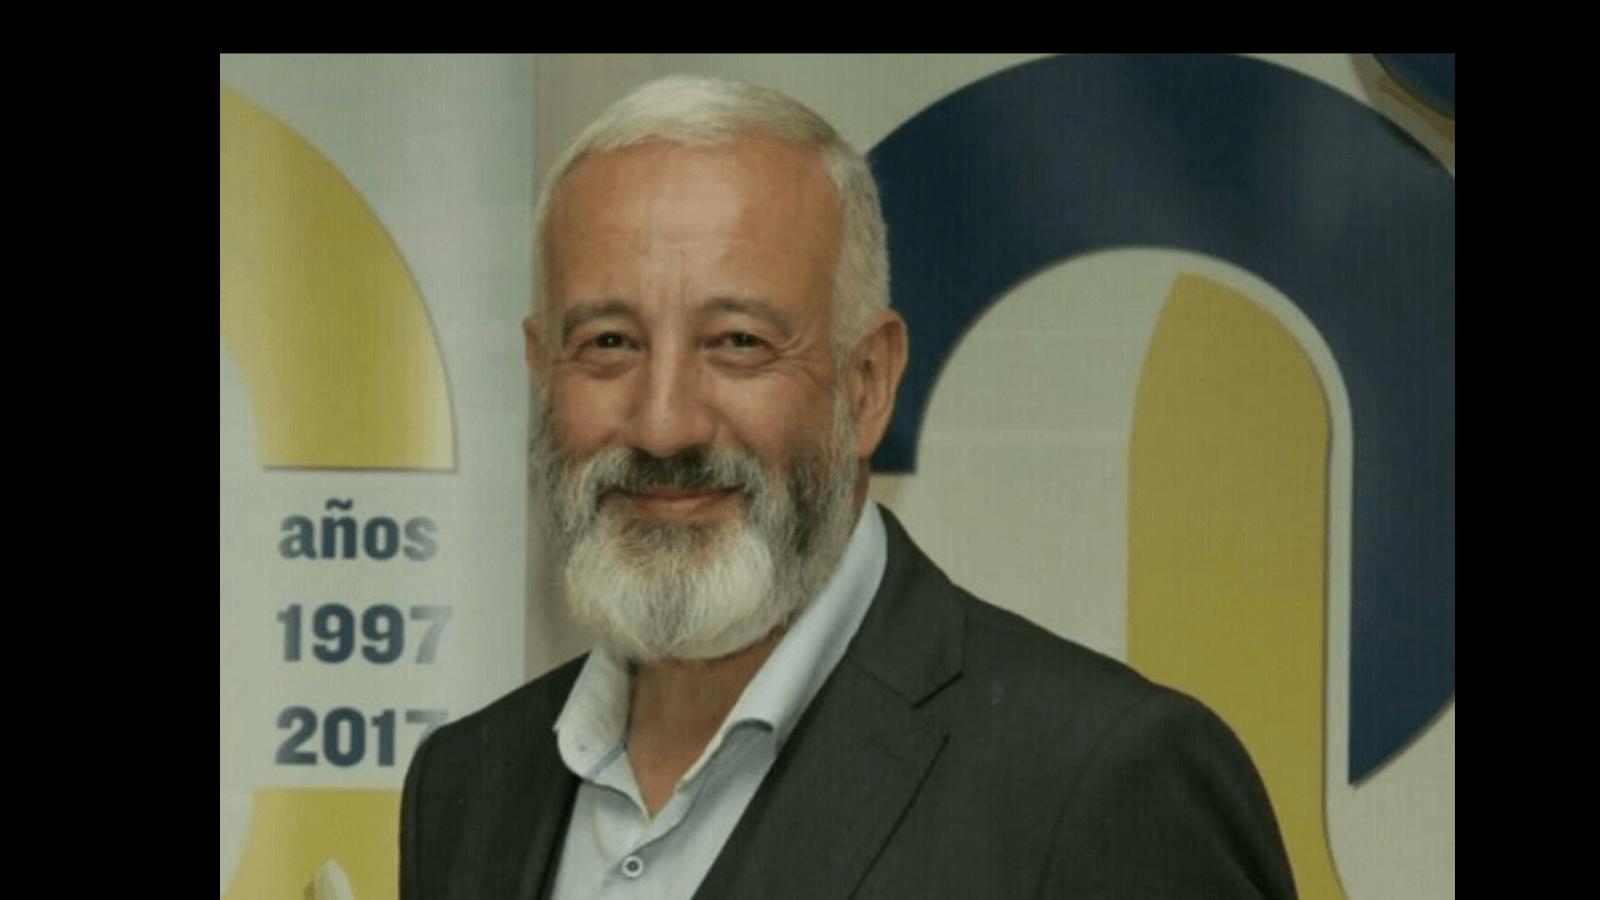 Justo Palma, director de Responsabilidad Social Empresarial, de Europa Mundo Vacaciones